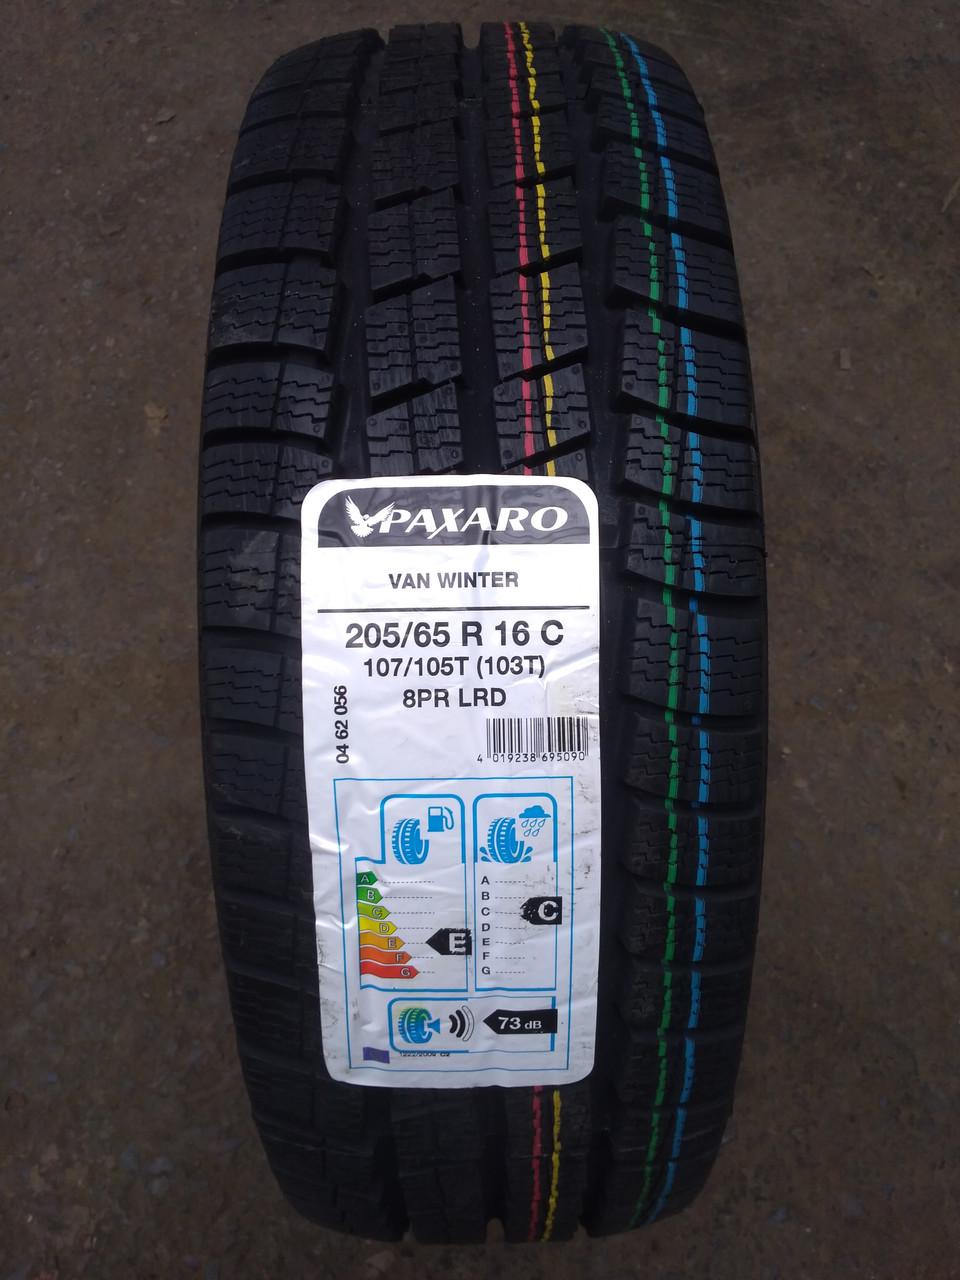 Paxaro 205/65 R 16C VAN Winter [107/105]T